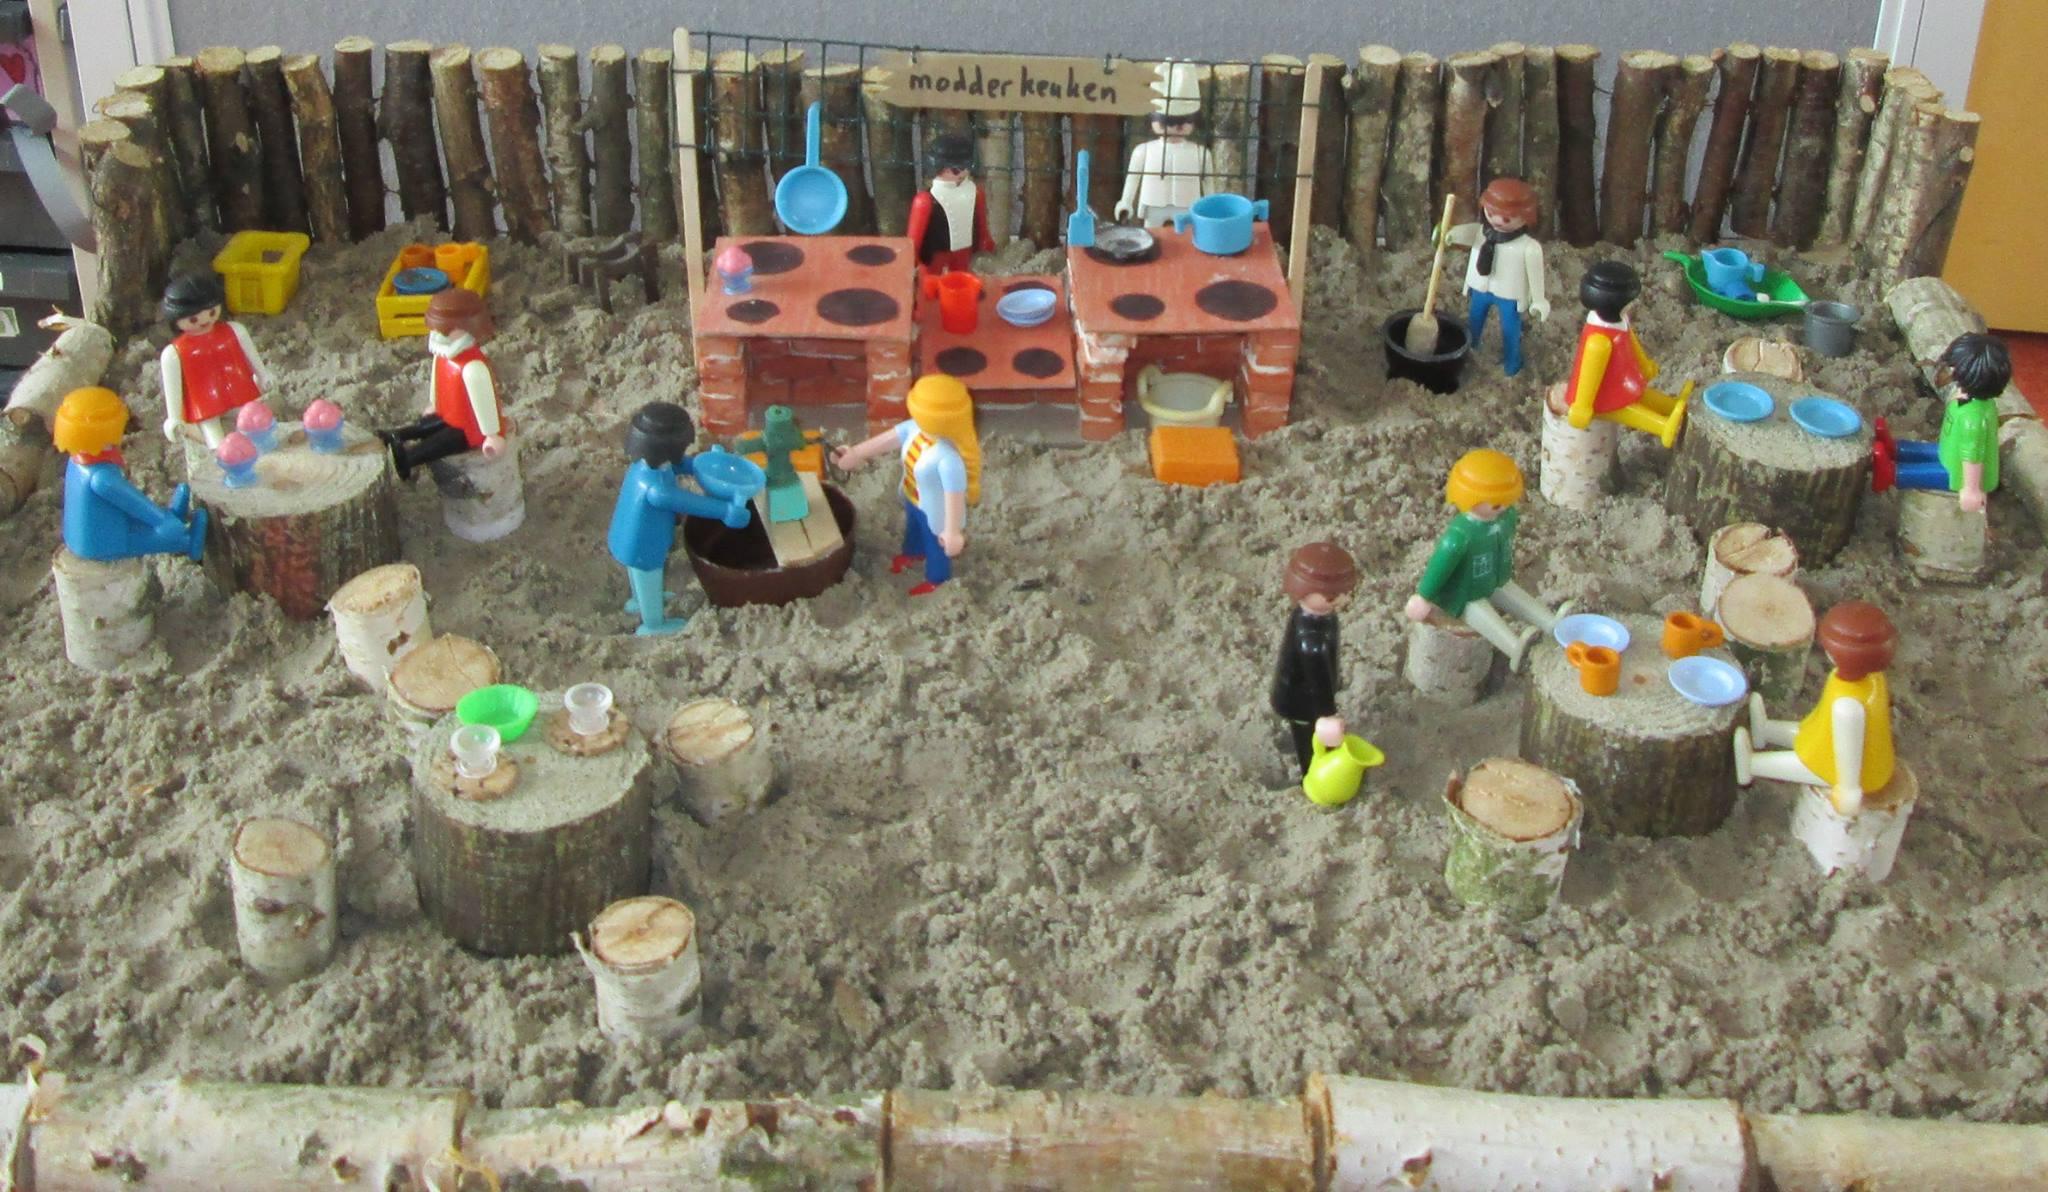 Maquette modderkeuken